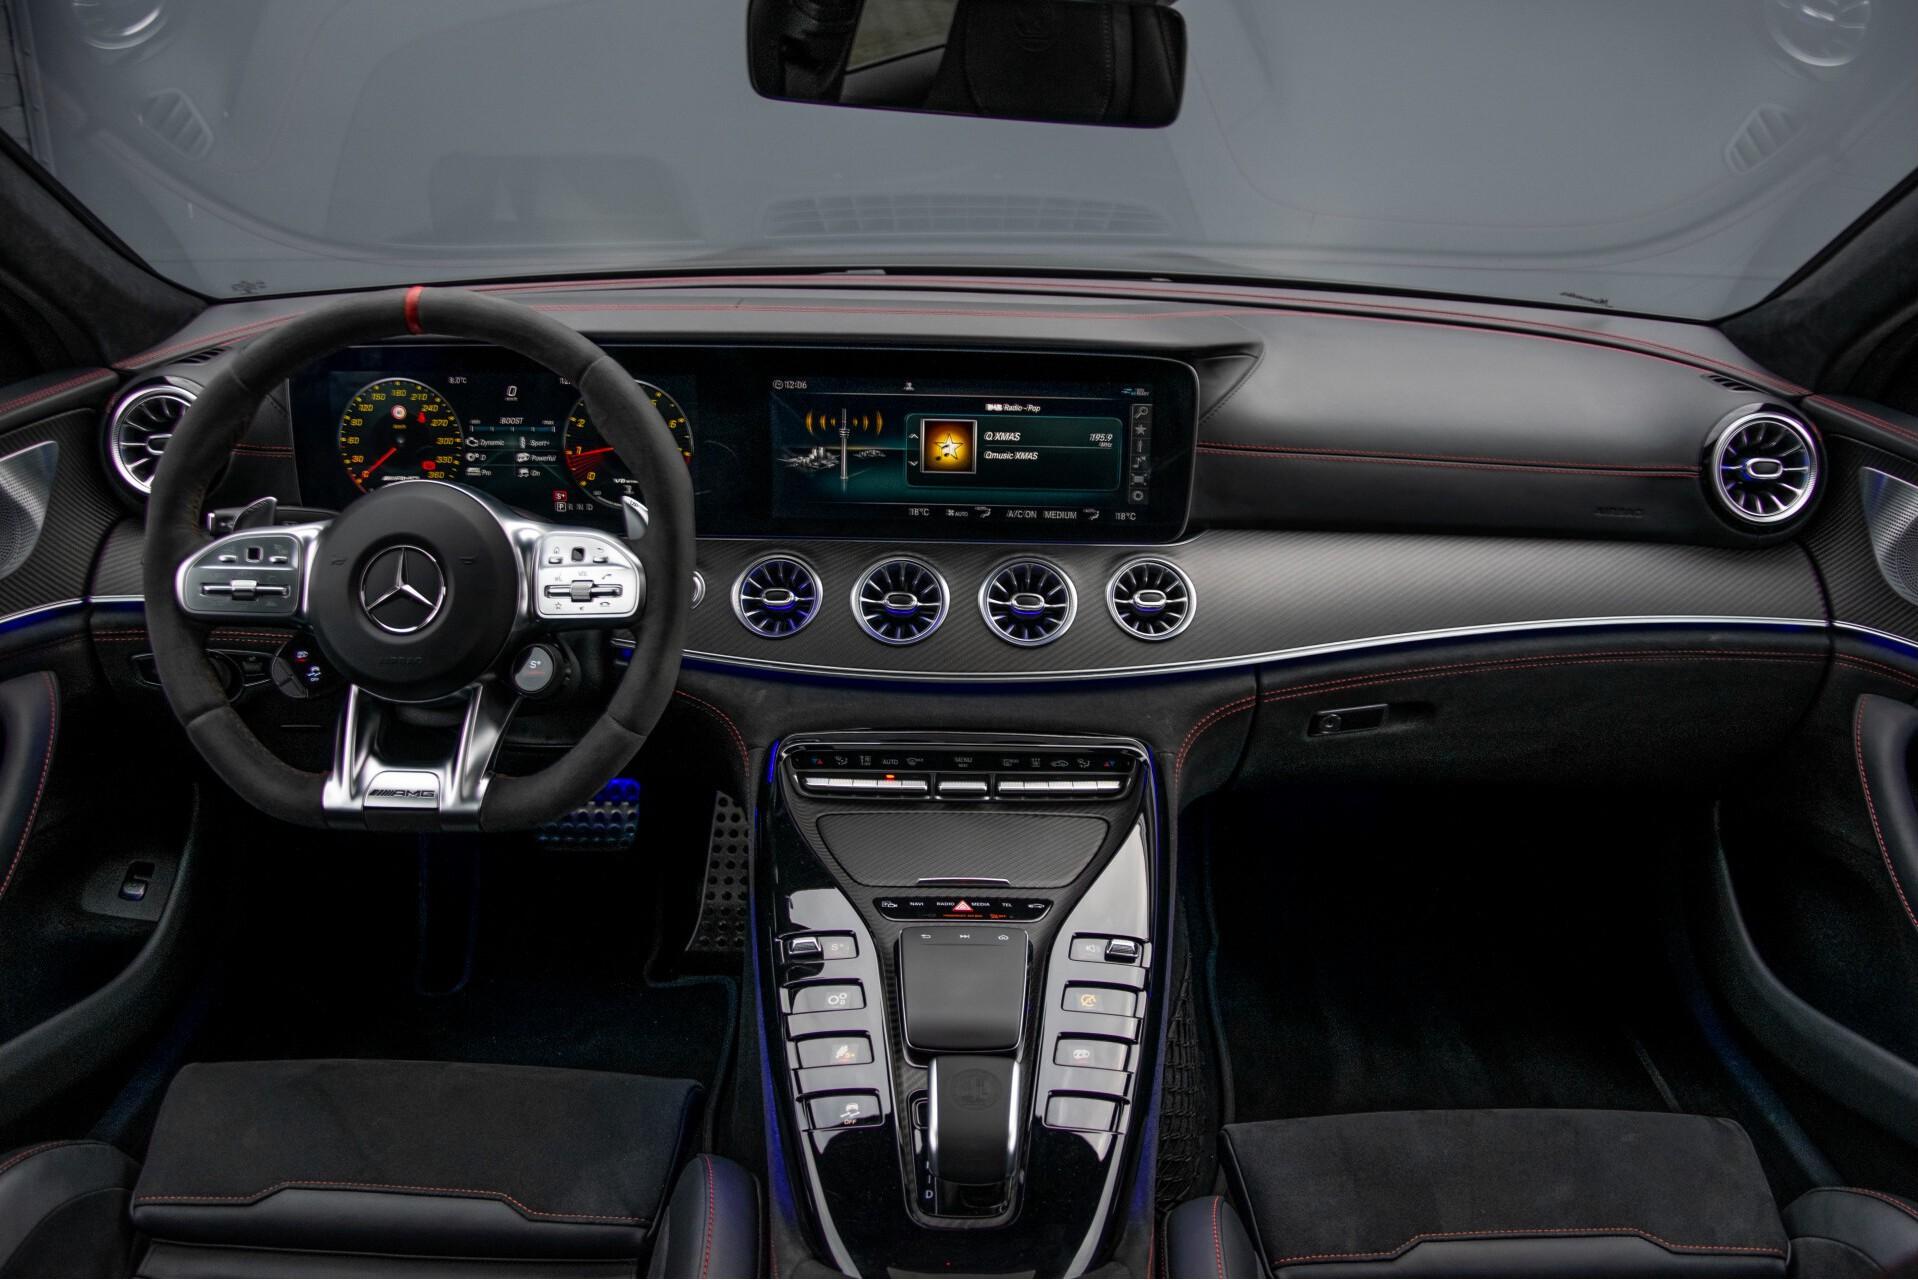 Mercedes-Benz AMG GT 4-Door Coupe 63 S 4M+ Keramisch/Full Carbon/Aerodynamica/Burmester 3D/TV/Performance stoelen/Standkachel Aut9 Foto 7